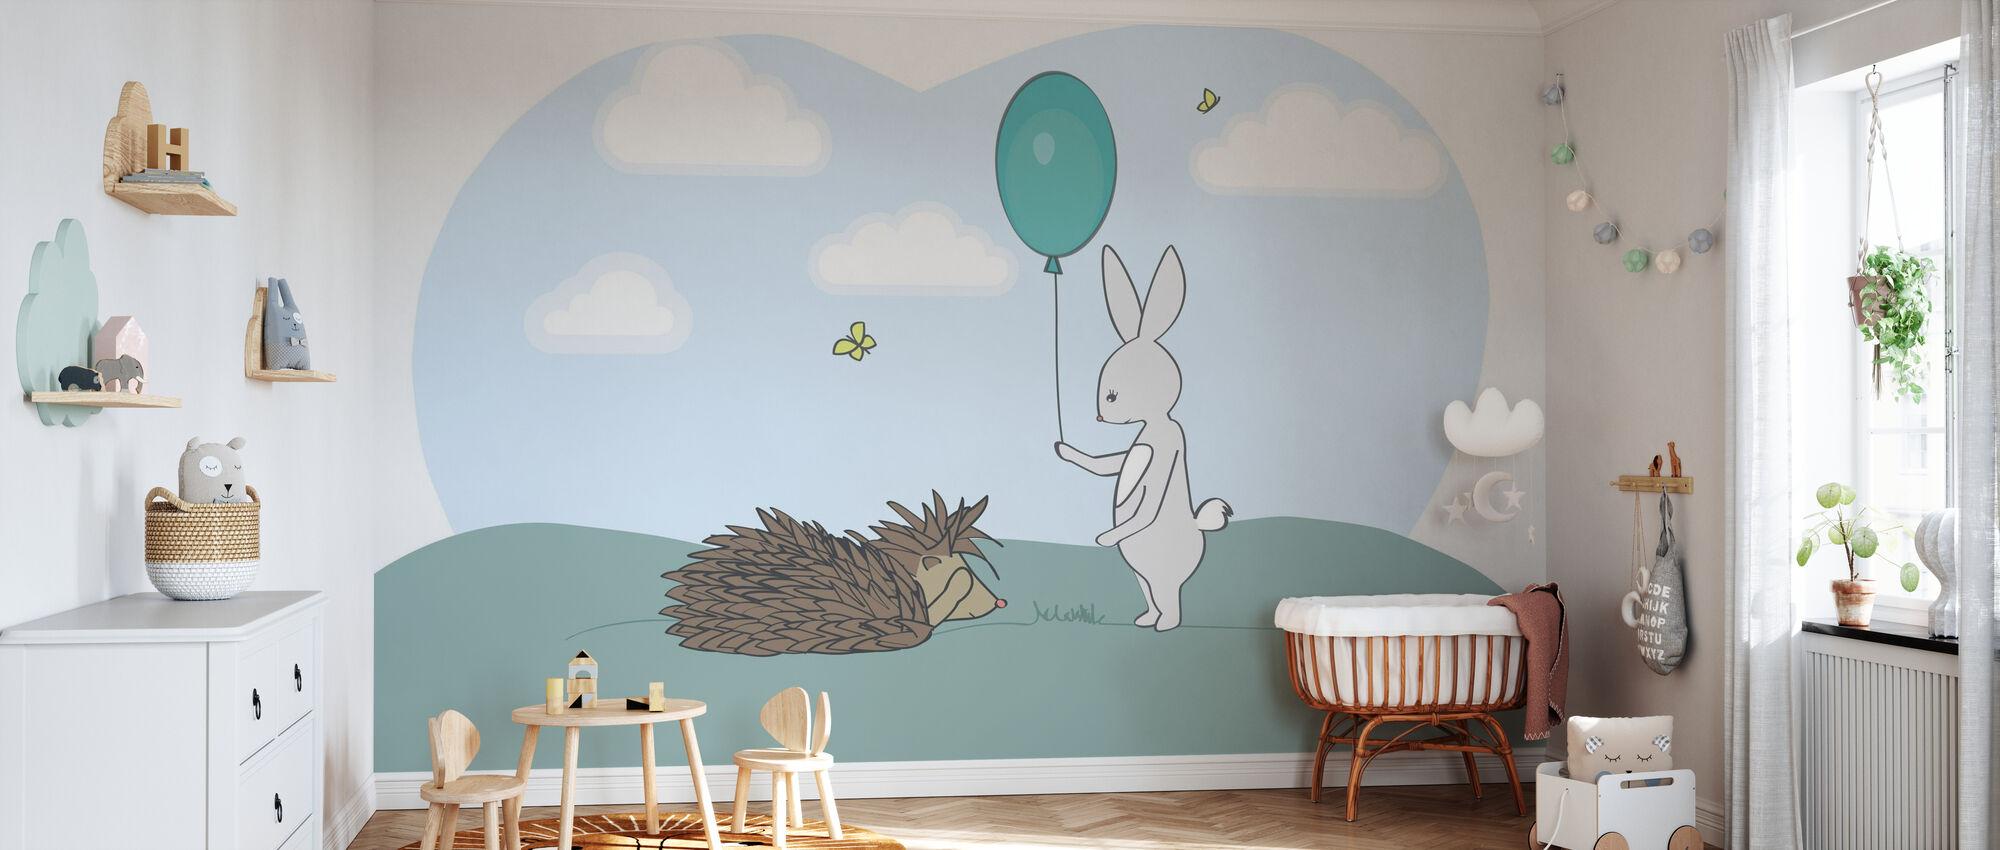 Storm and Sarah - Wallpaper - Nursery